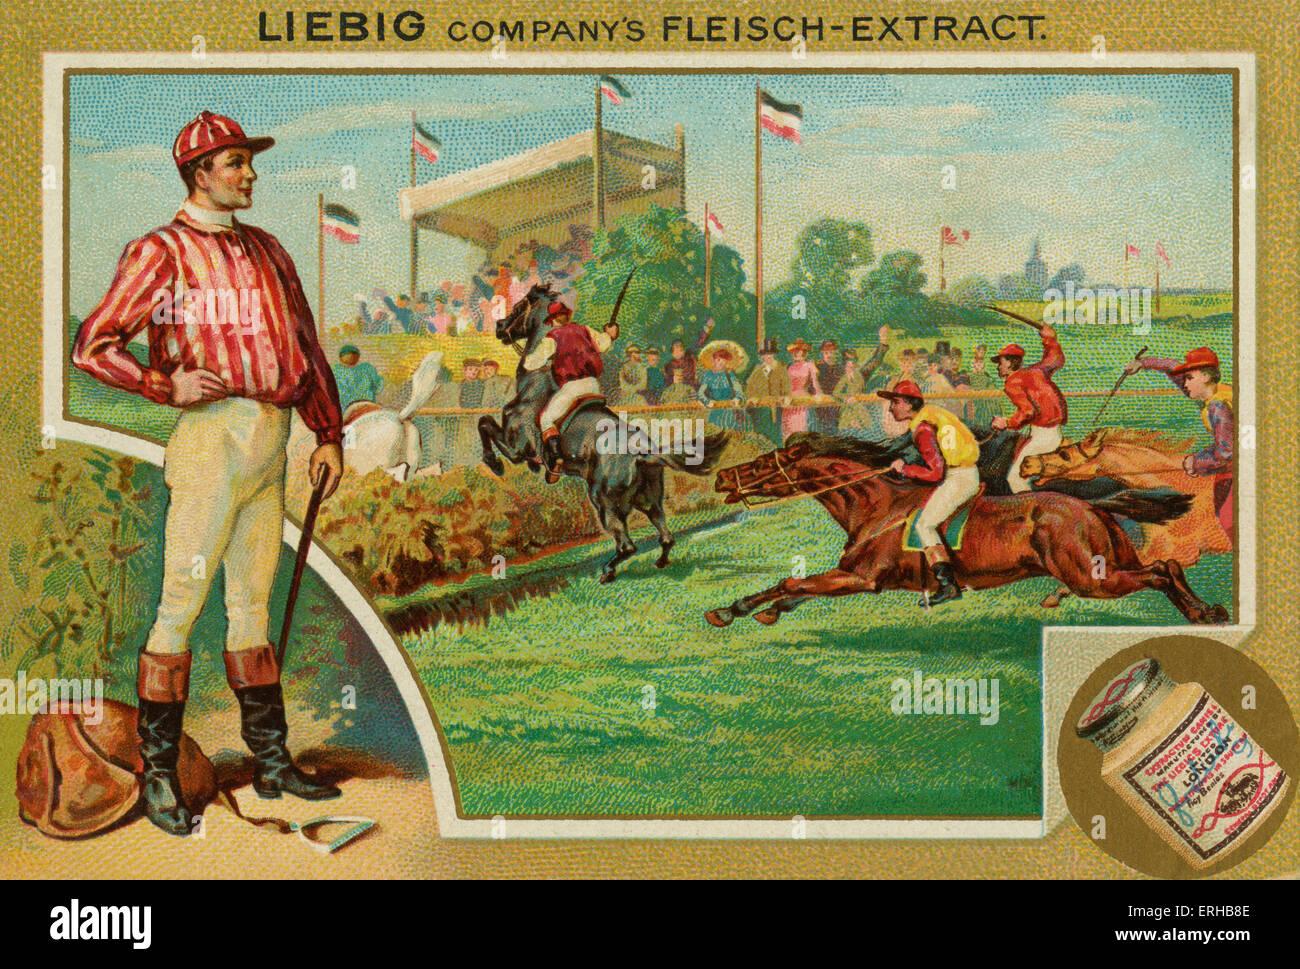 Les courses de chevaux. Carte Liebig, Sports, 1896. Photo Stock